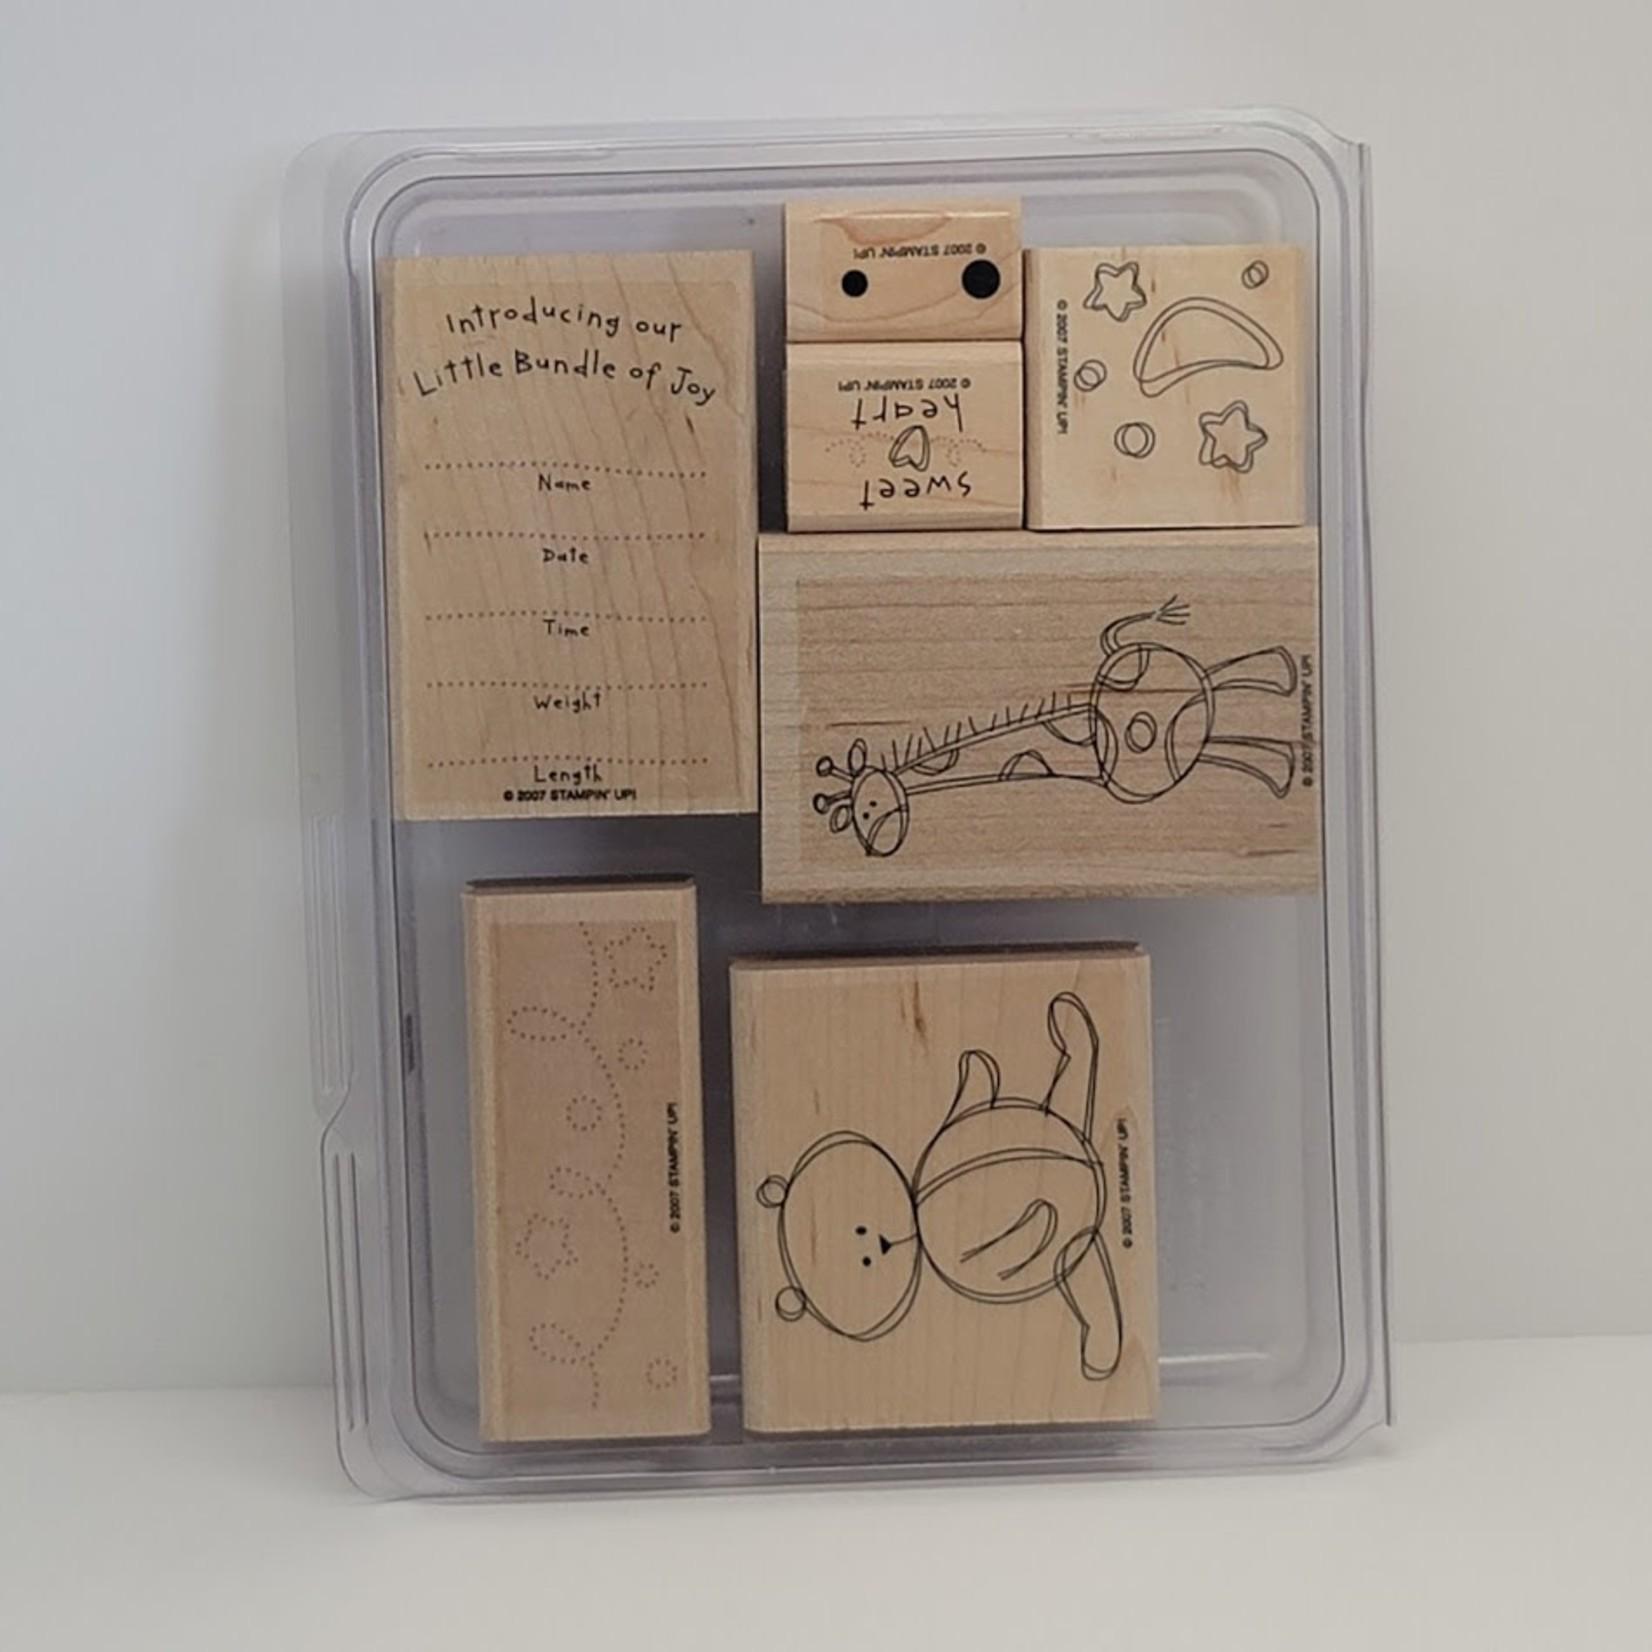 Stampin' Up Stampin' Up - Wooden Stamp Set -Bundle of Joy